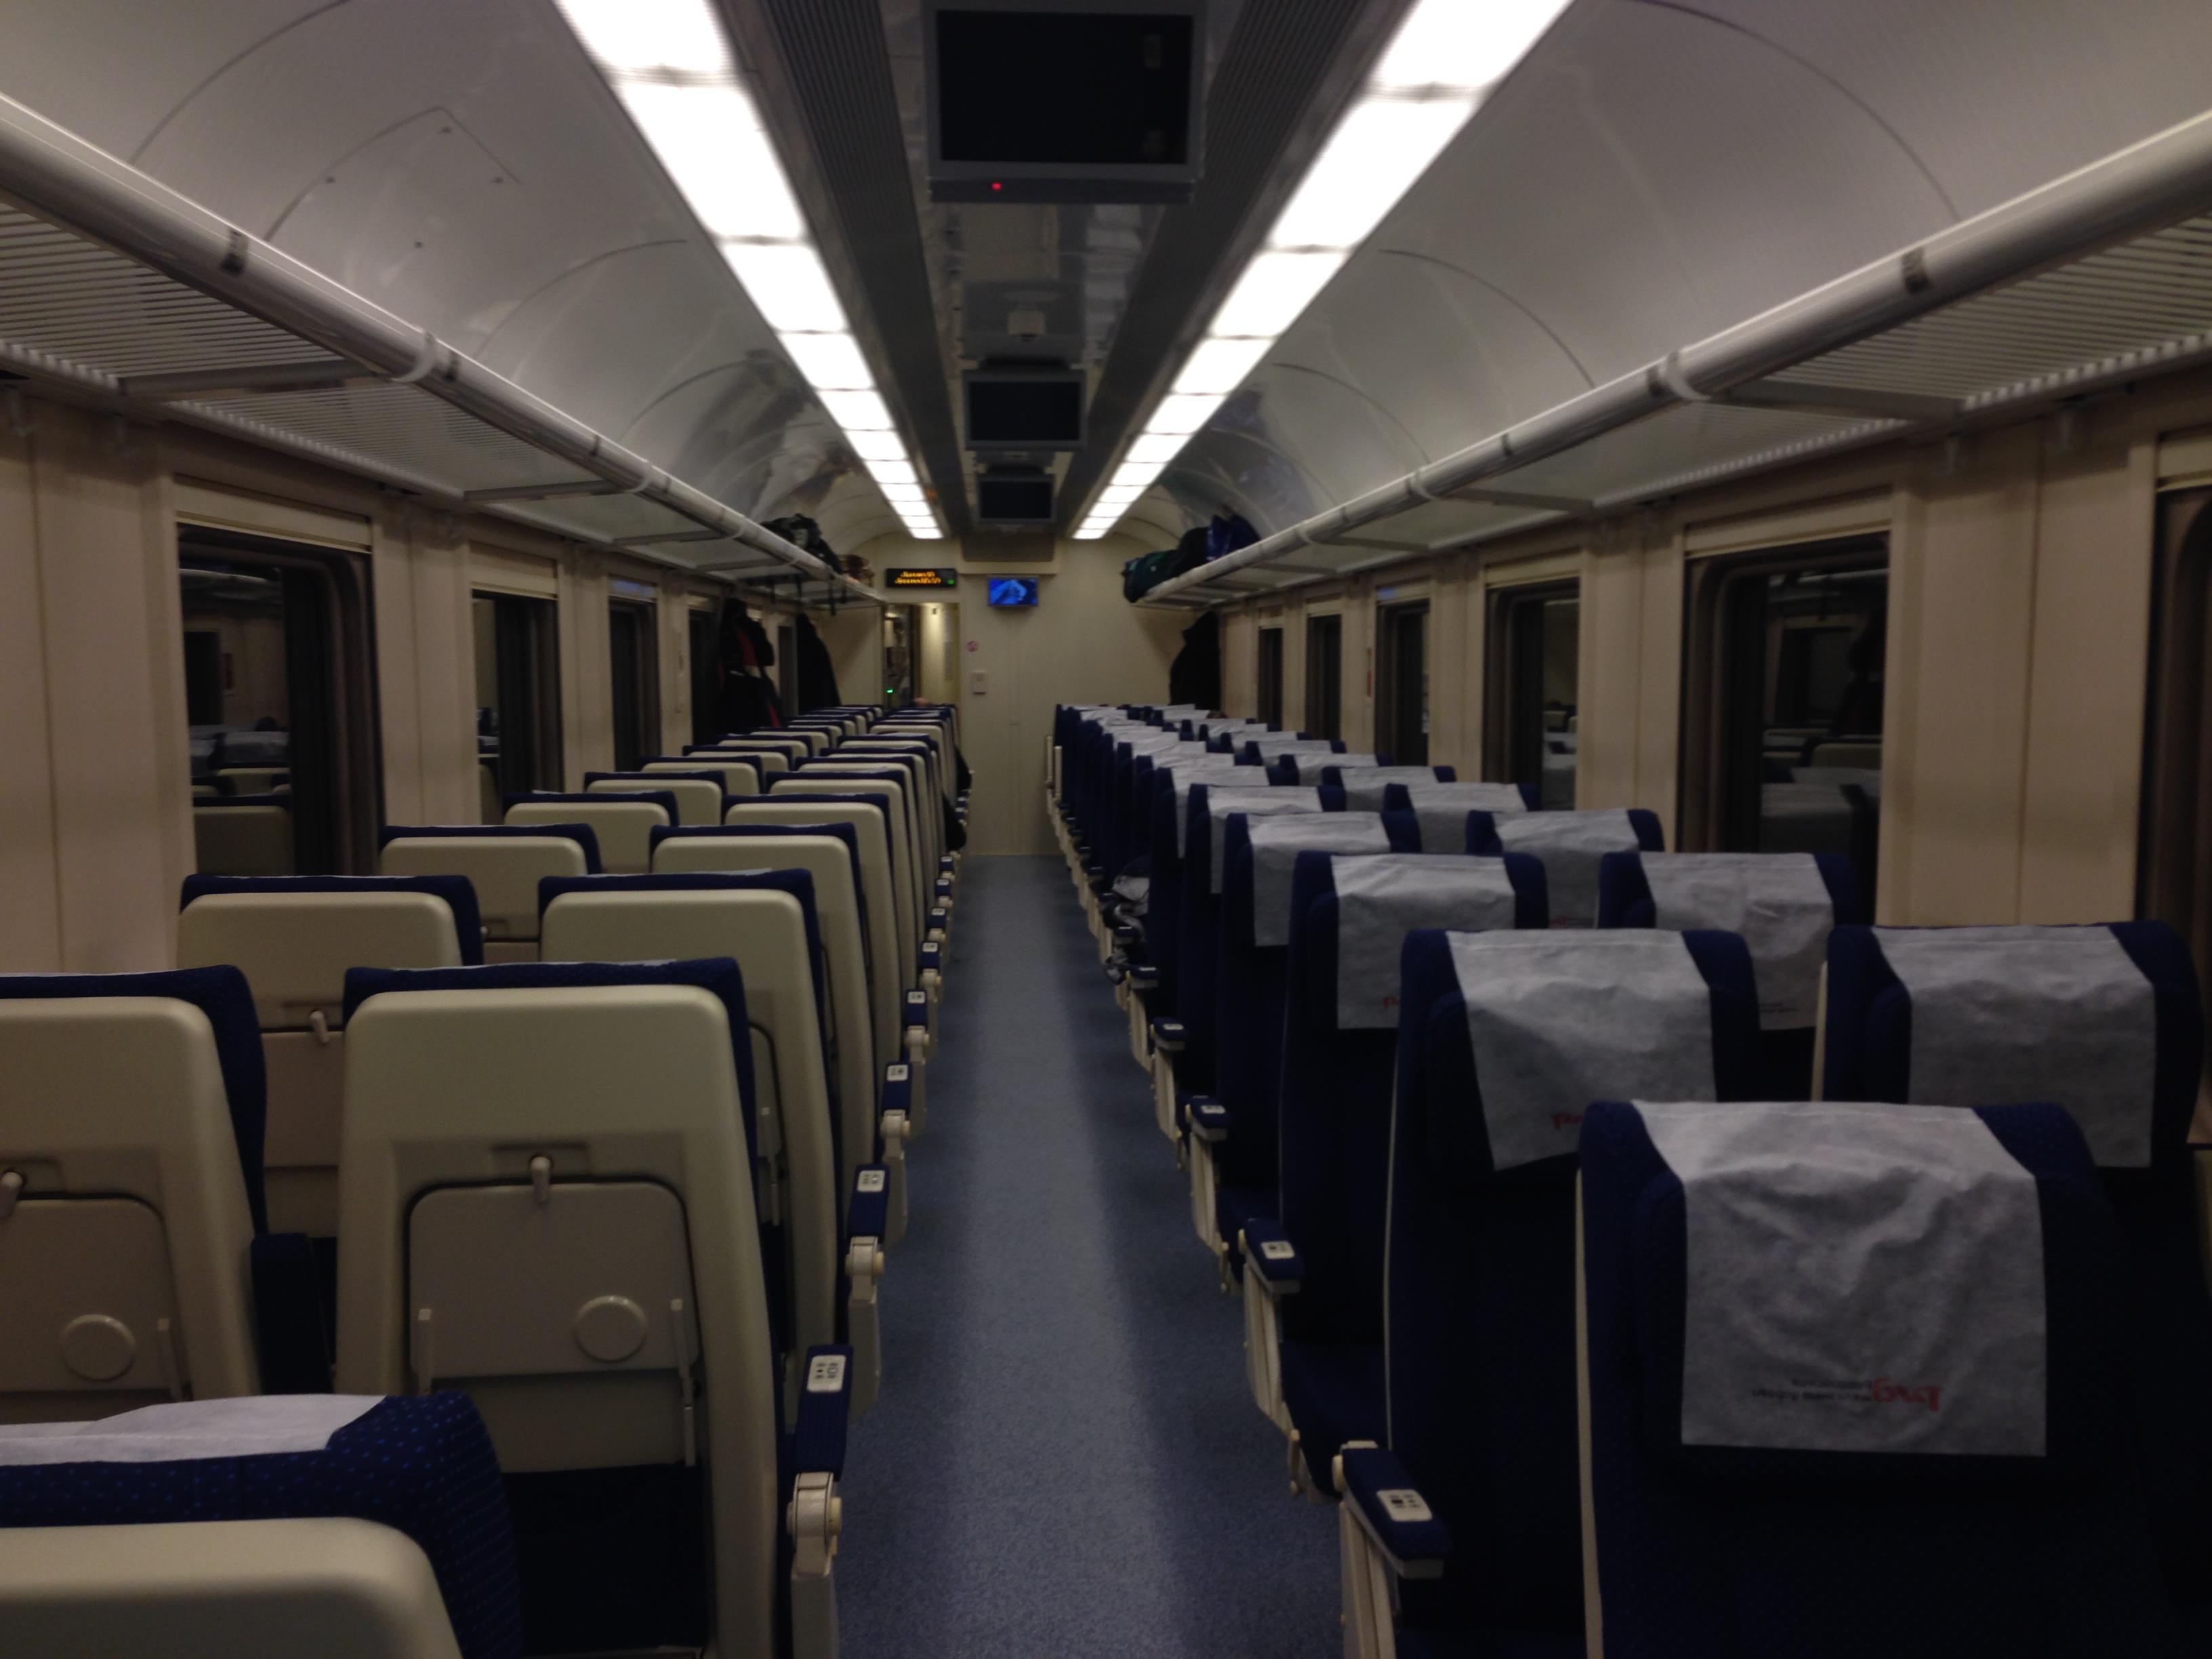 Схема сидячего вагона поезда белгород москва фото 539